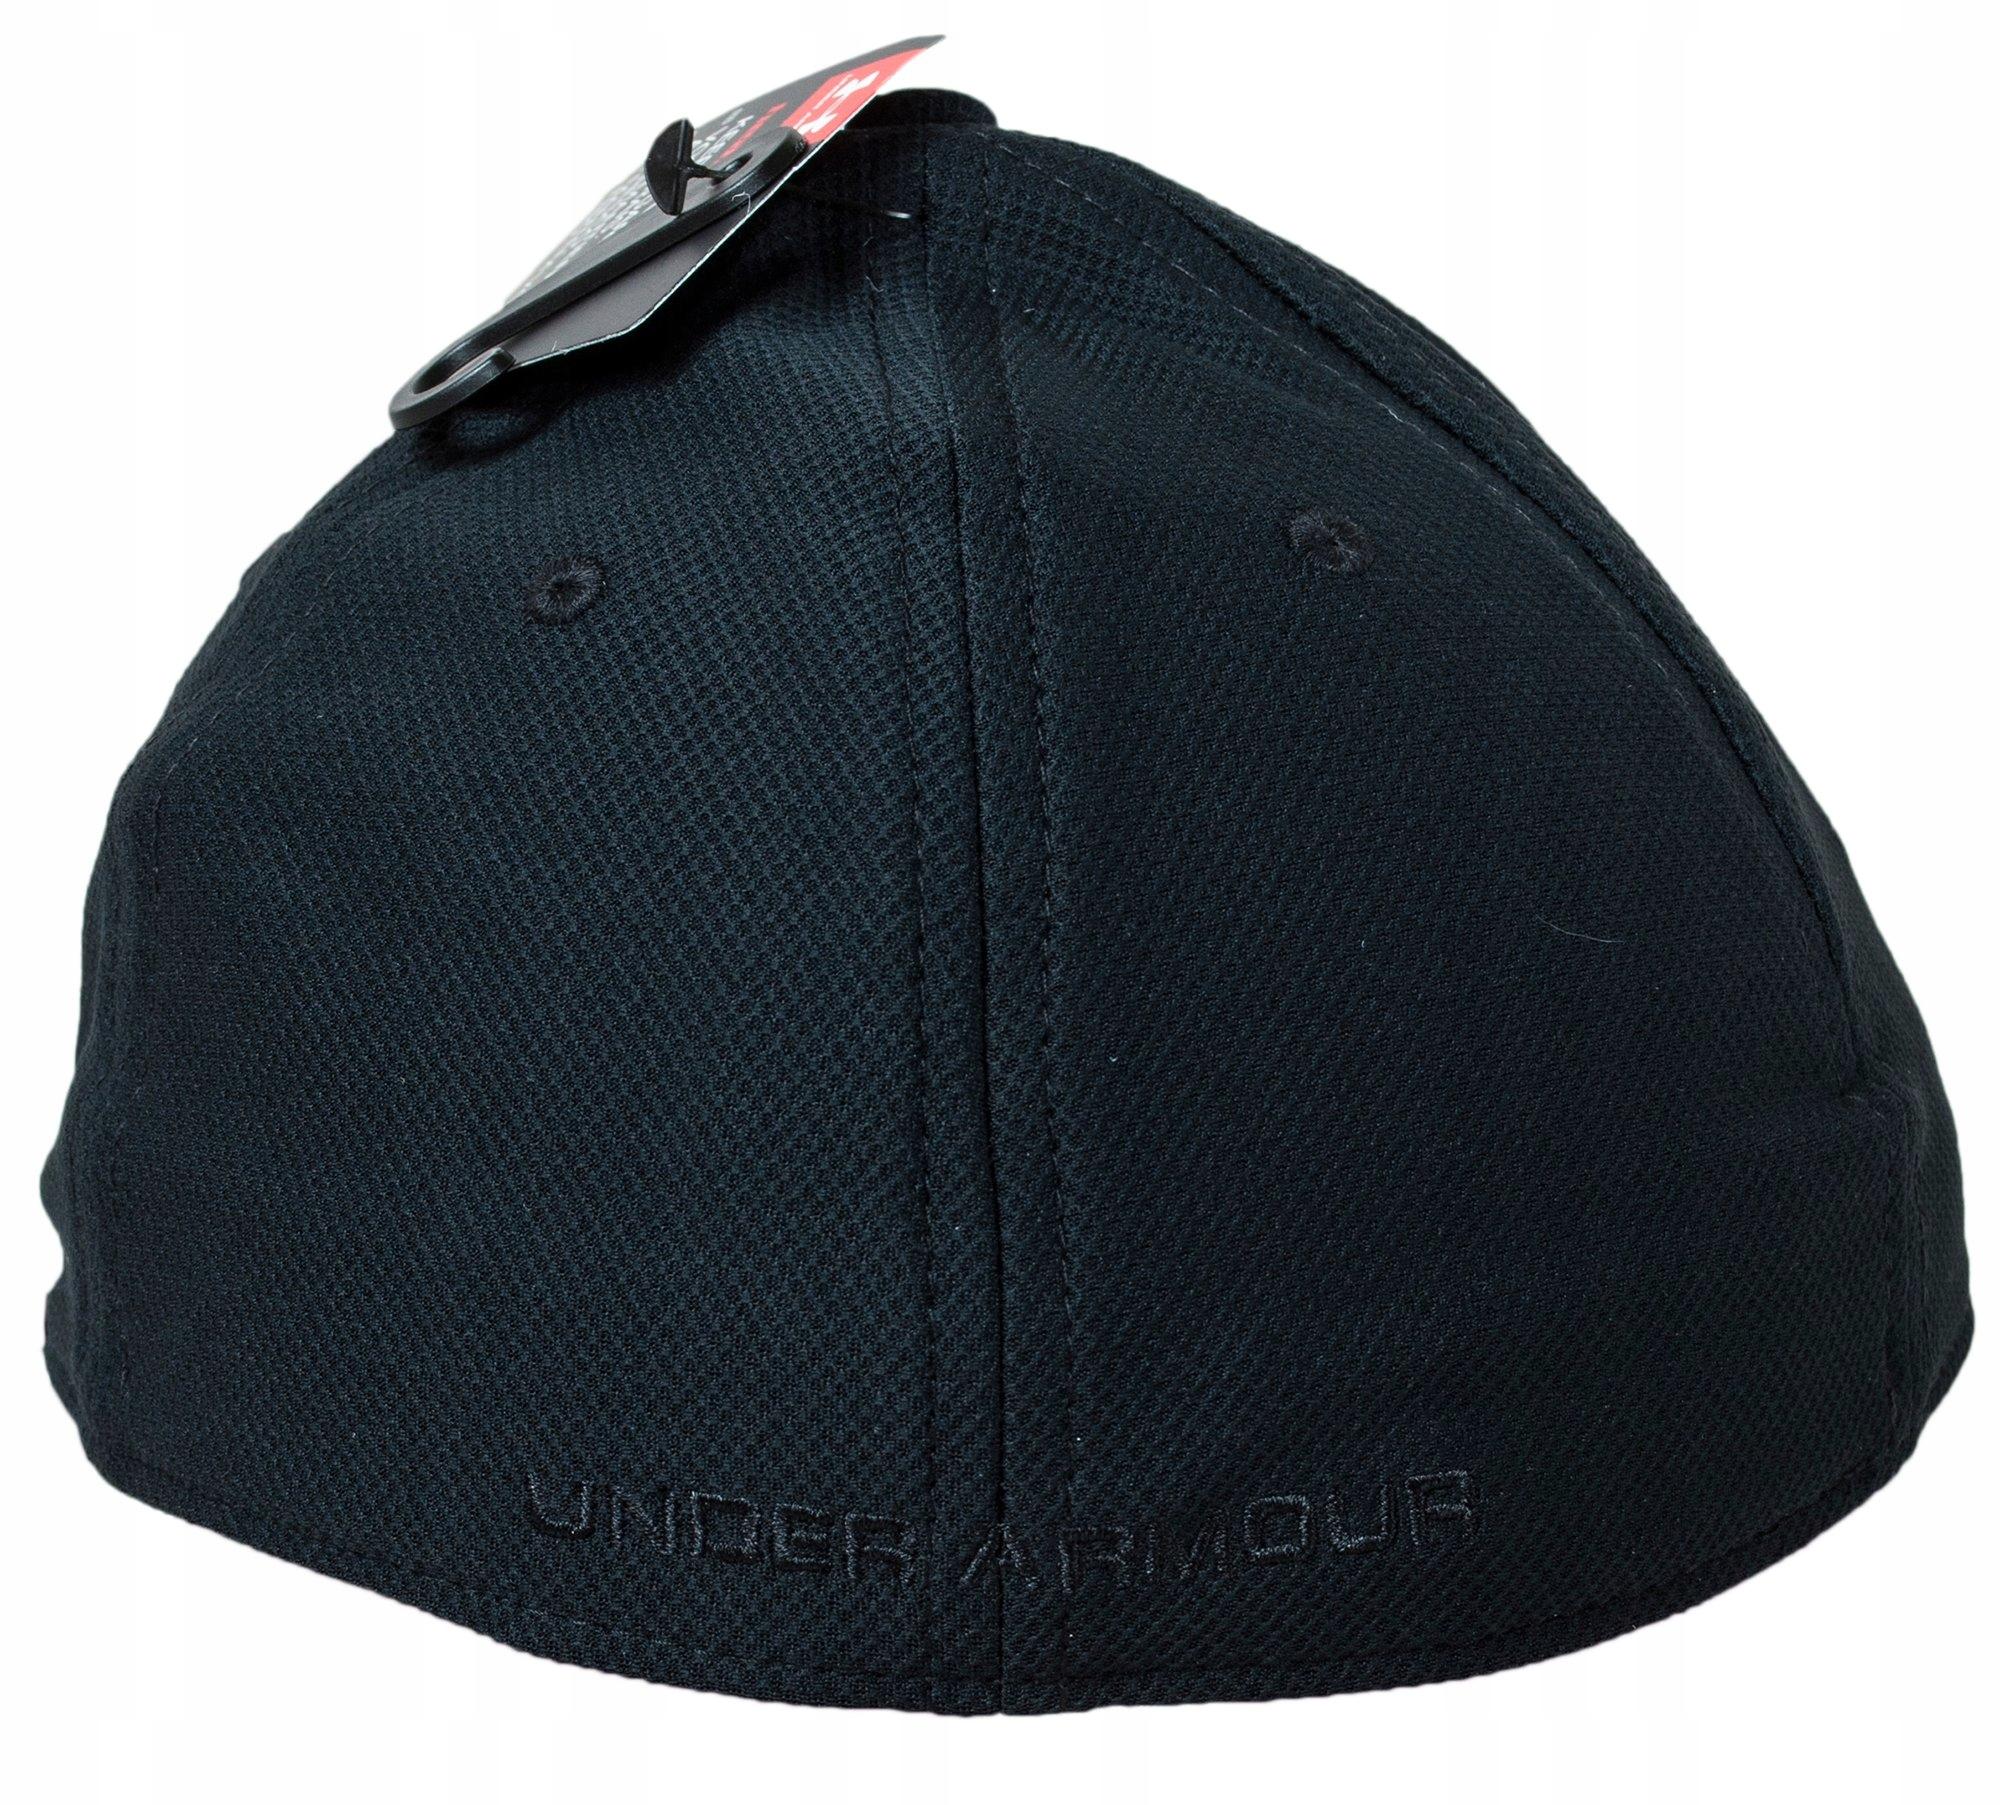 52b3a117d UNDER ARMOUR ŚWIETNA modna czapka z daszkiem M/L - 7232699495 ...